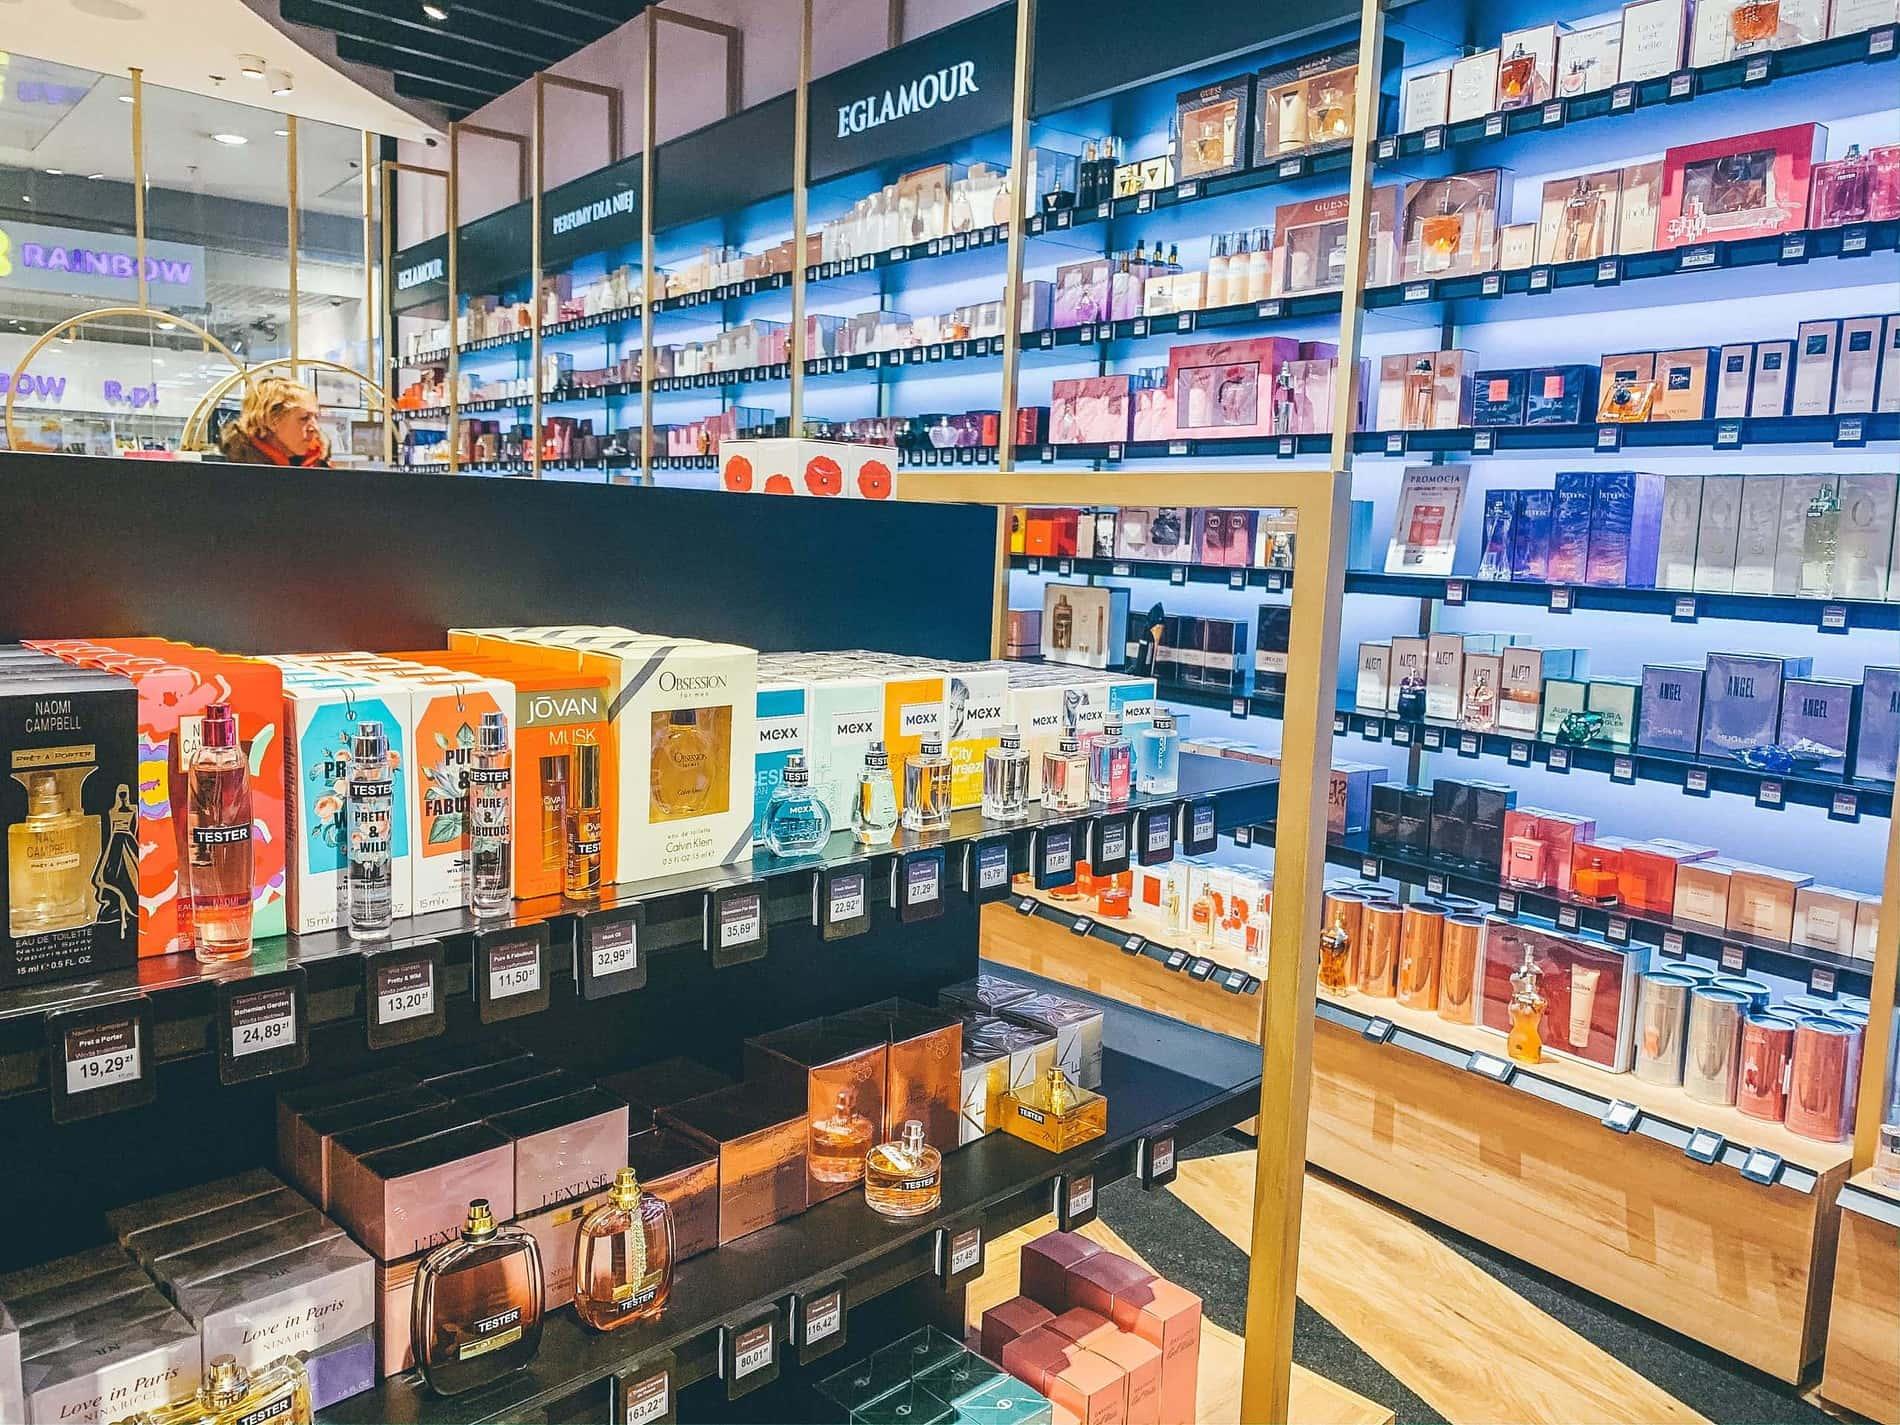 gdzie kupić najtaniej oryginalne perfumy